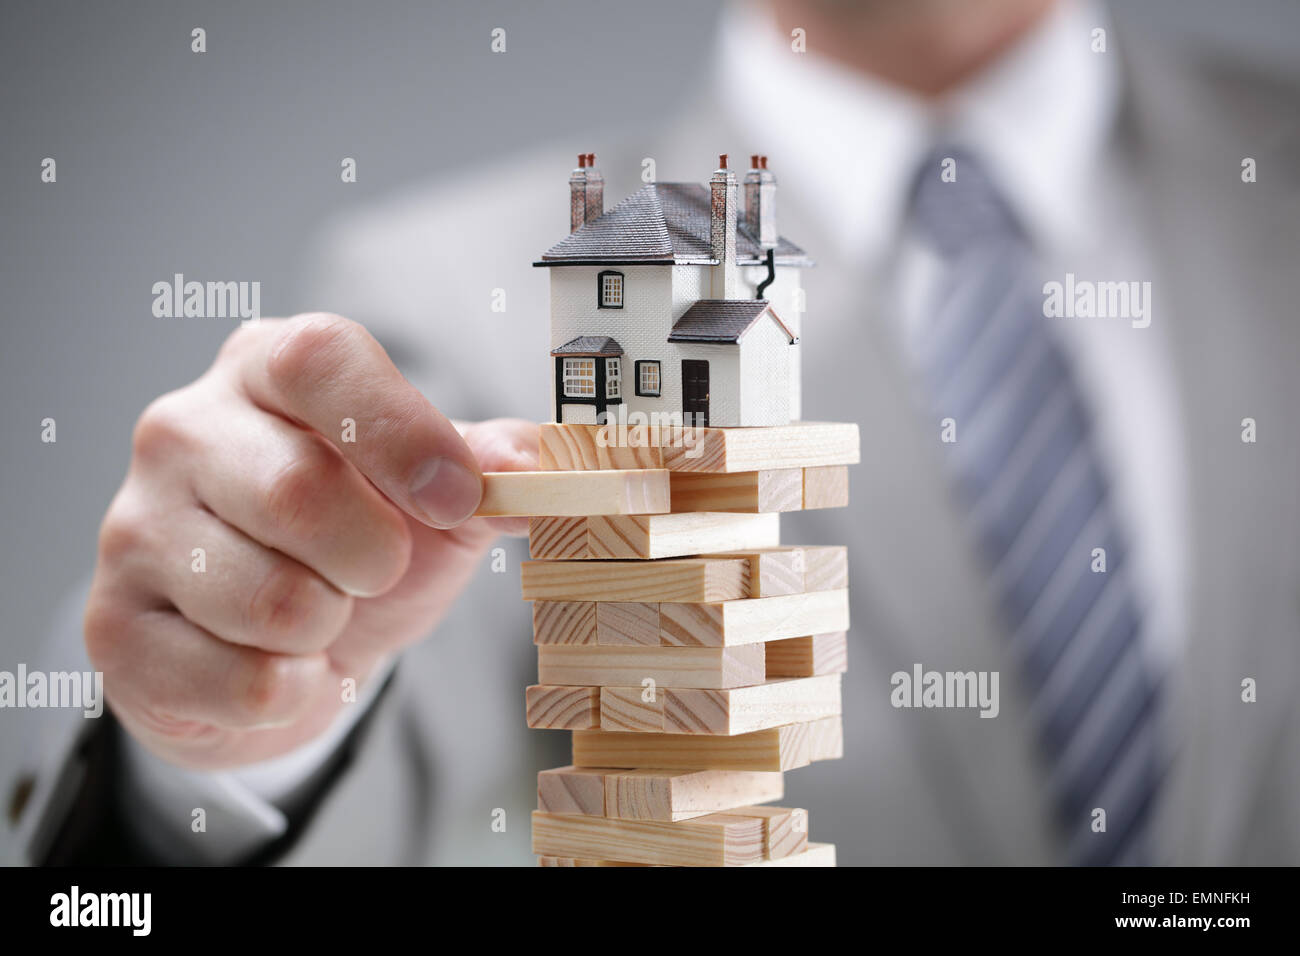 El riesgo de mercado de vivienda Foto de stock